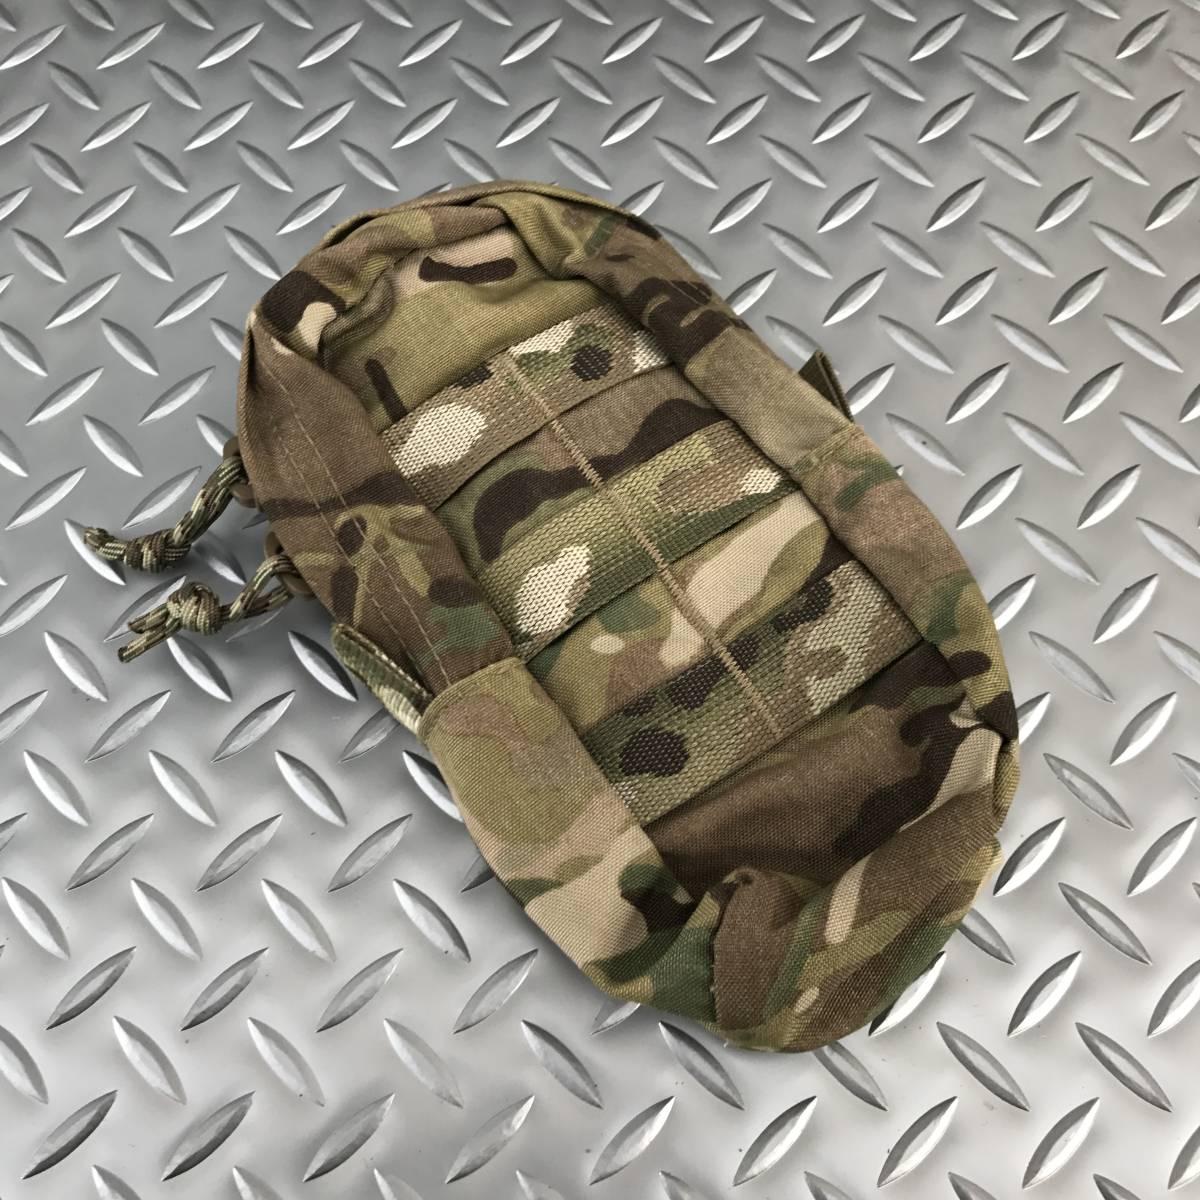 米軍実物 ATS製 MULTICAM SmallUpright GP メディックポーチ マルチカム/未使用 eagle tyr lbt biueforce